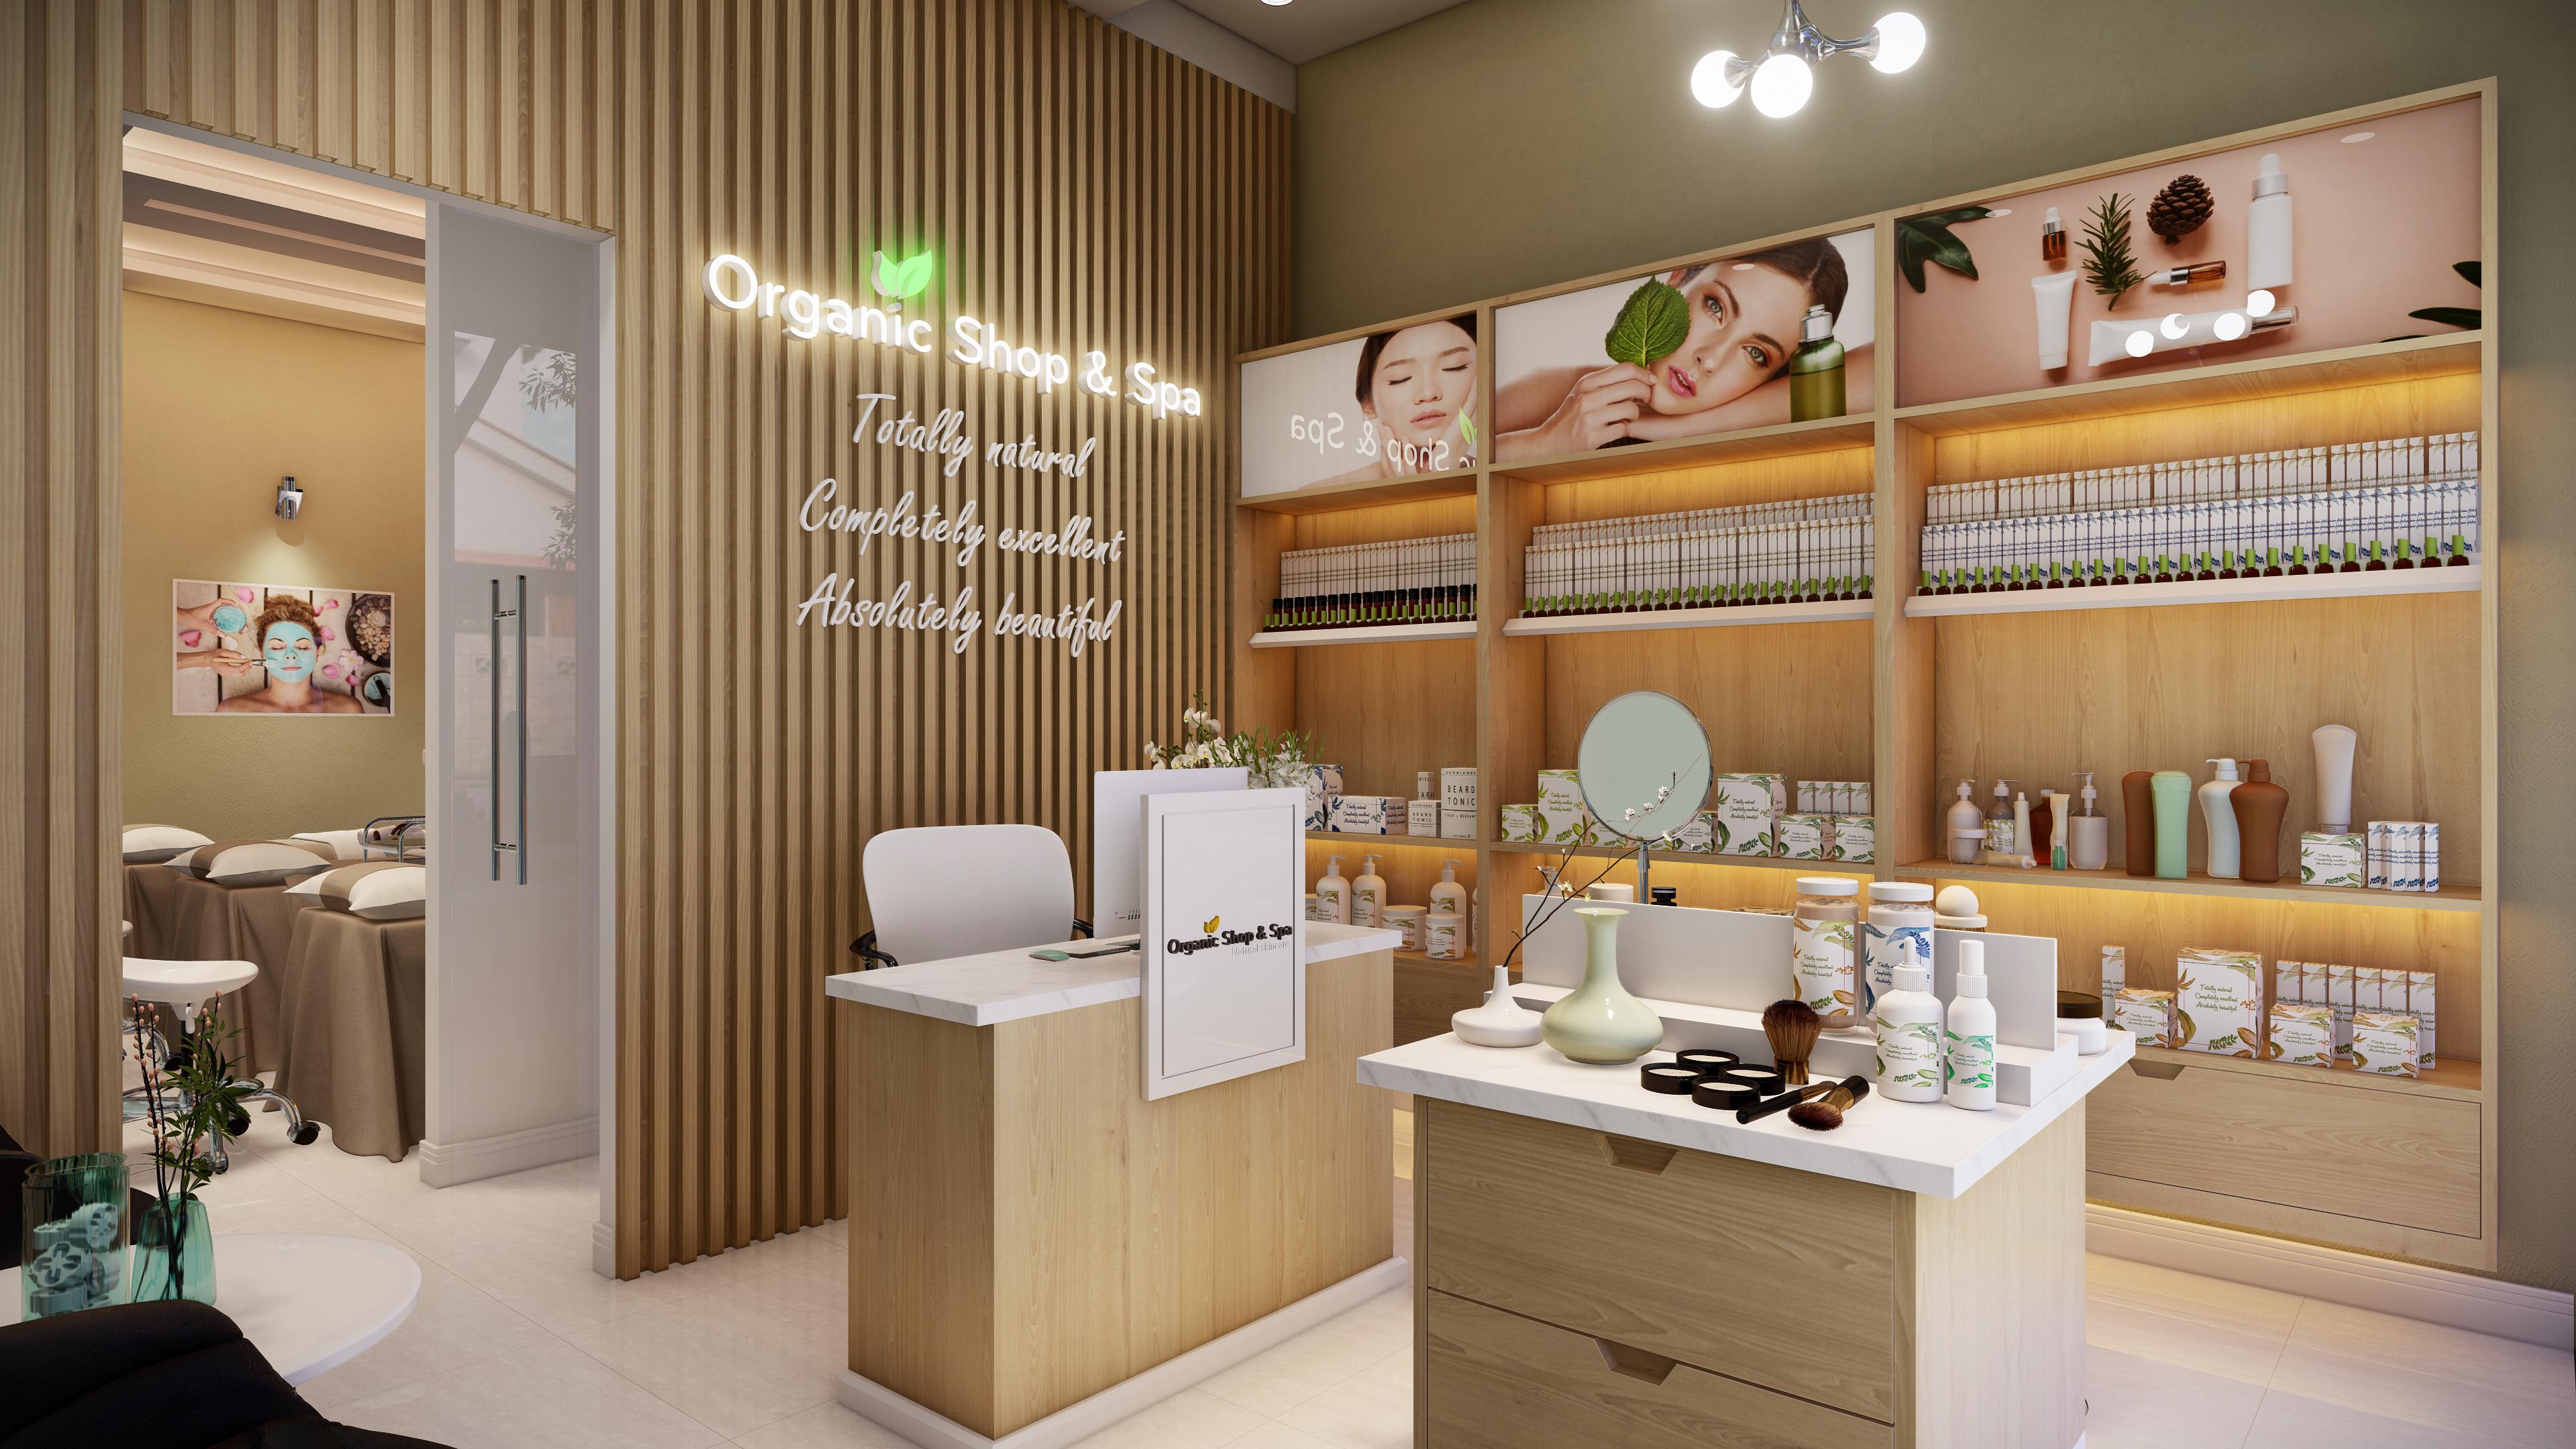 Thiết kế nội thất Spa tại Hồ Chí Minh HCM.MRGIANG-SHOP&SPA 1590203831 1